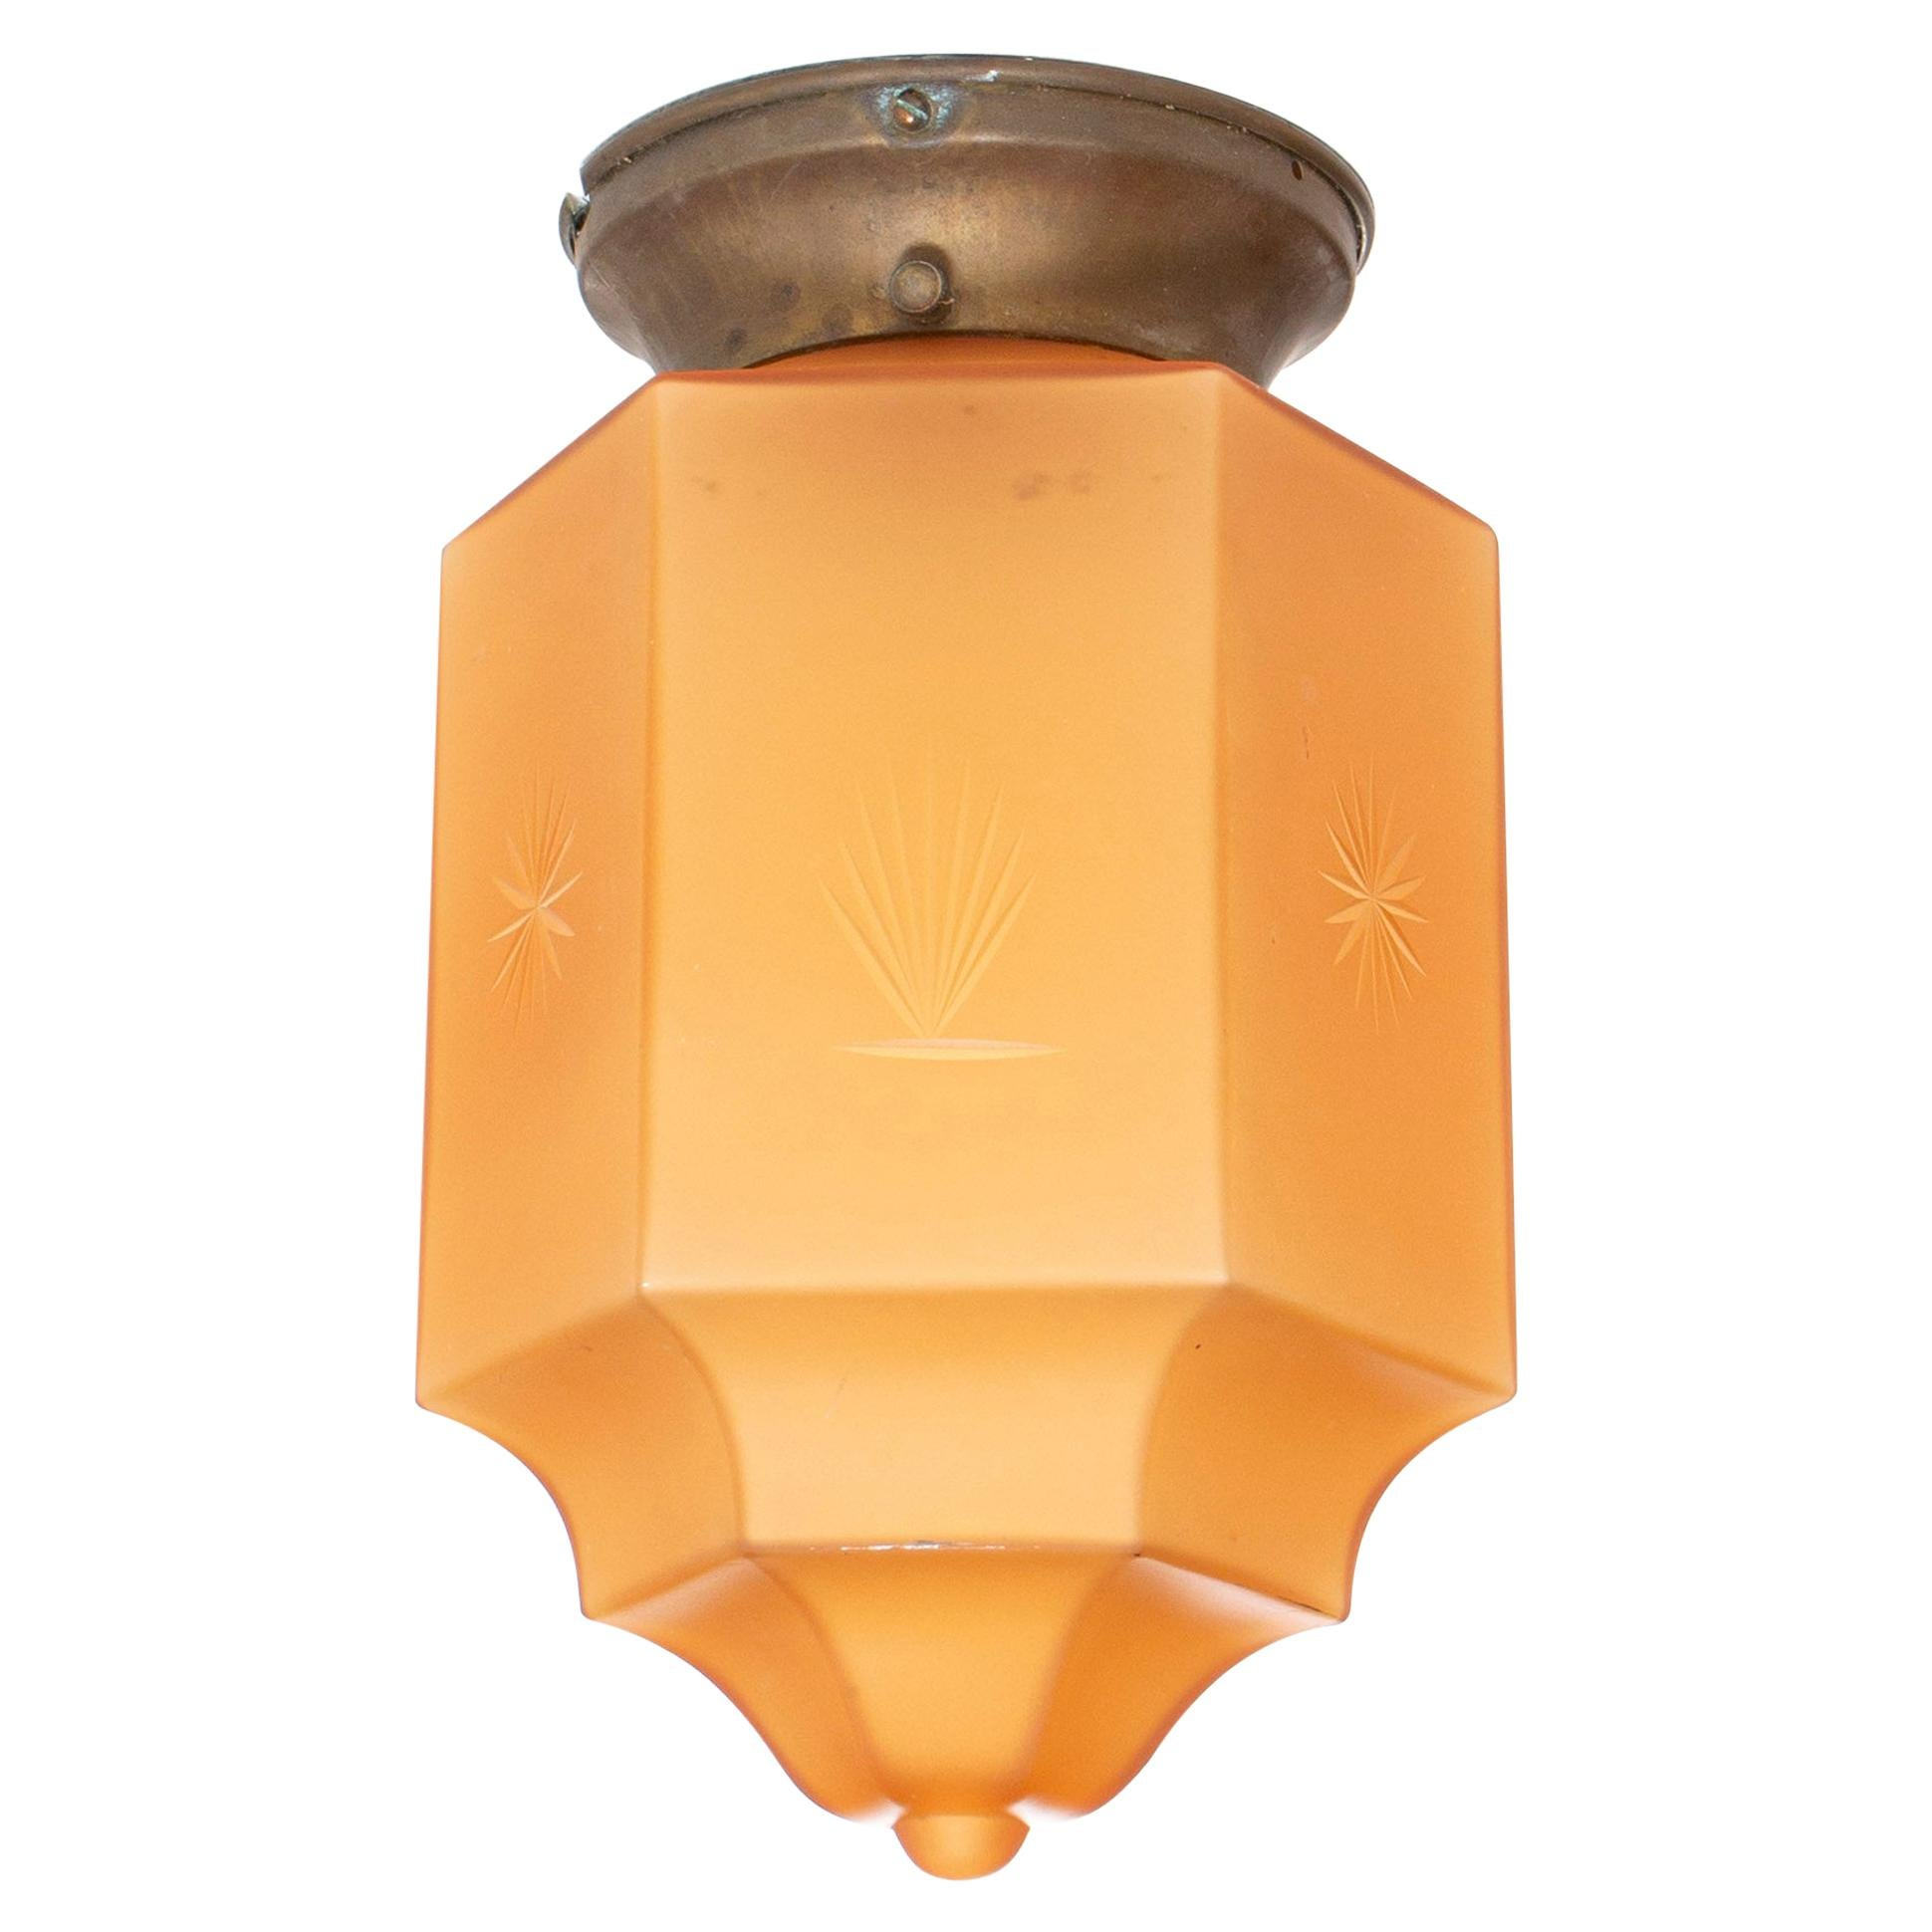 Art Deco Flush Mount Light, 1930s